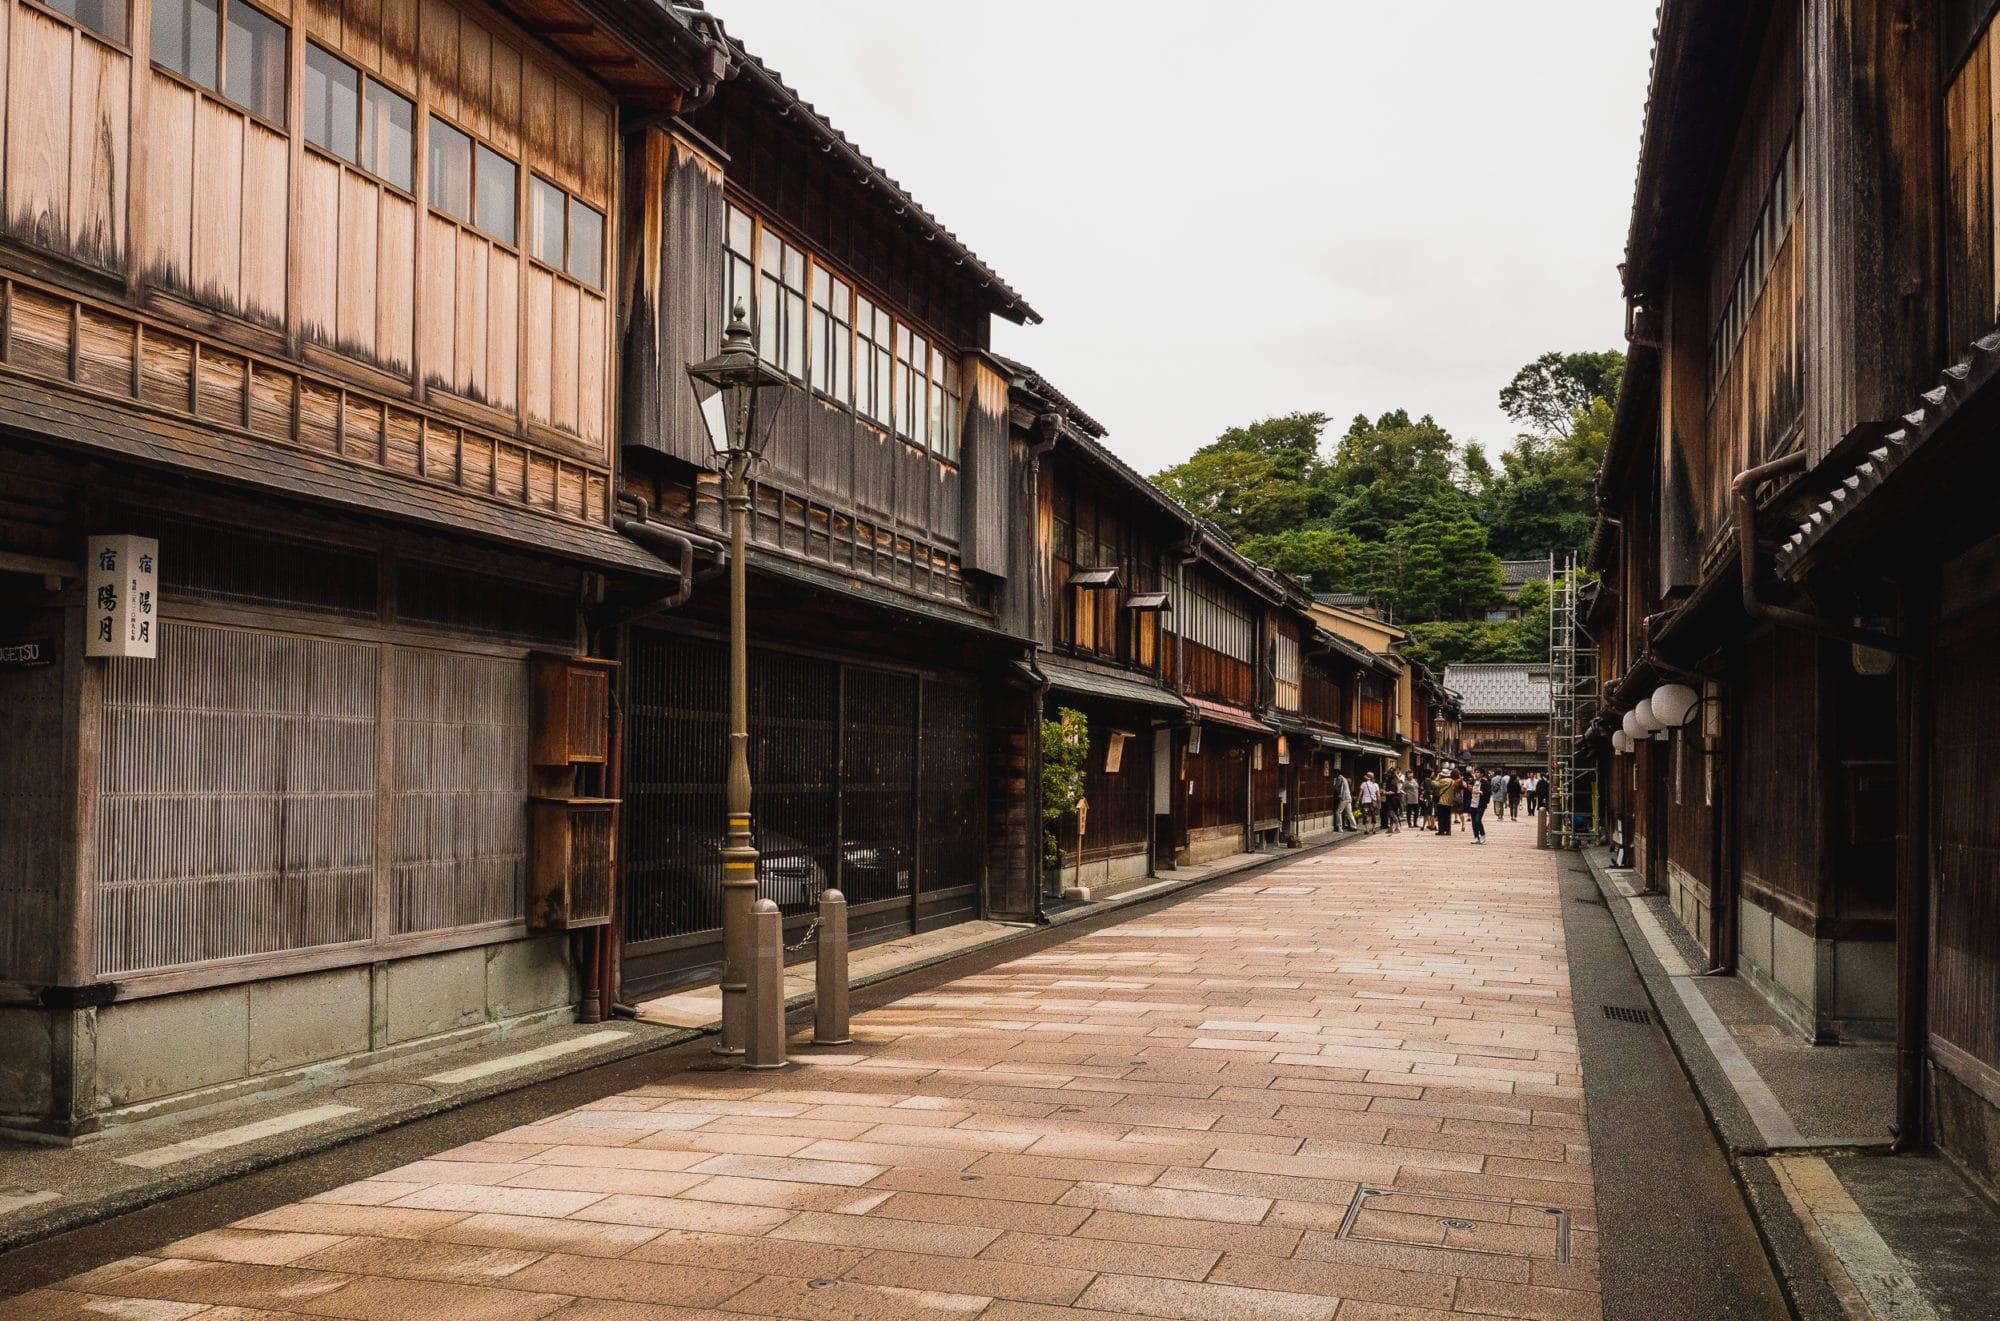 Image Dormir dans un ryokan, une expérience unique à vivre pendant votre voyage au Japon